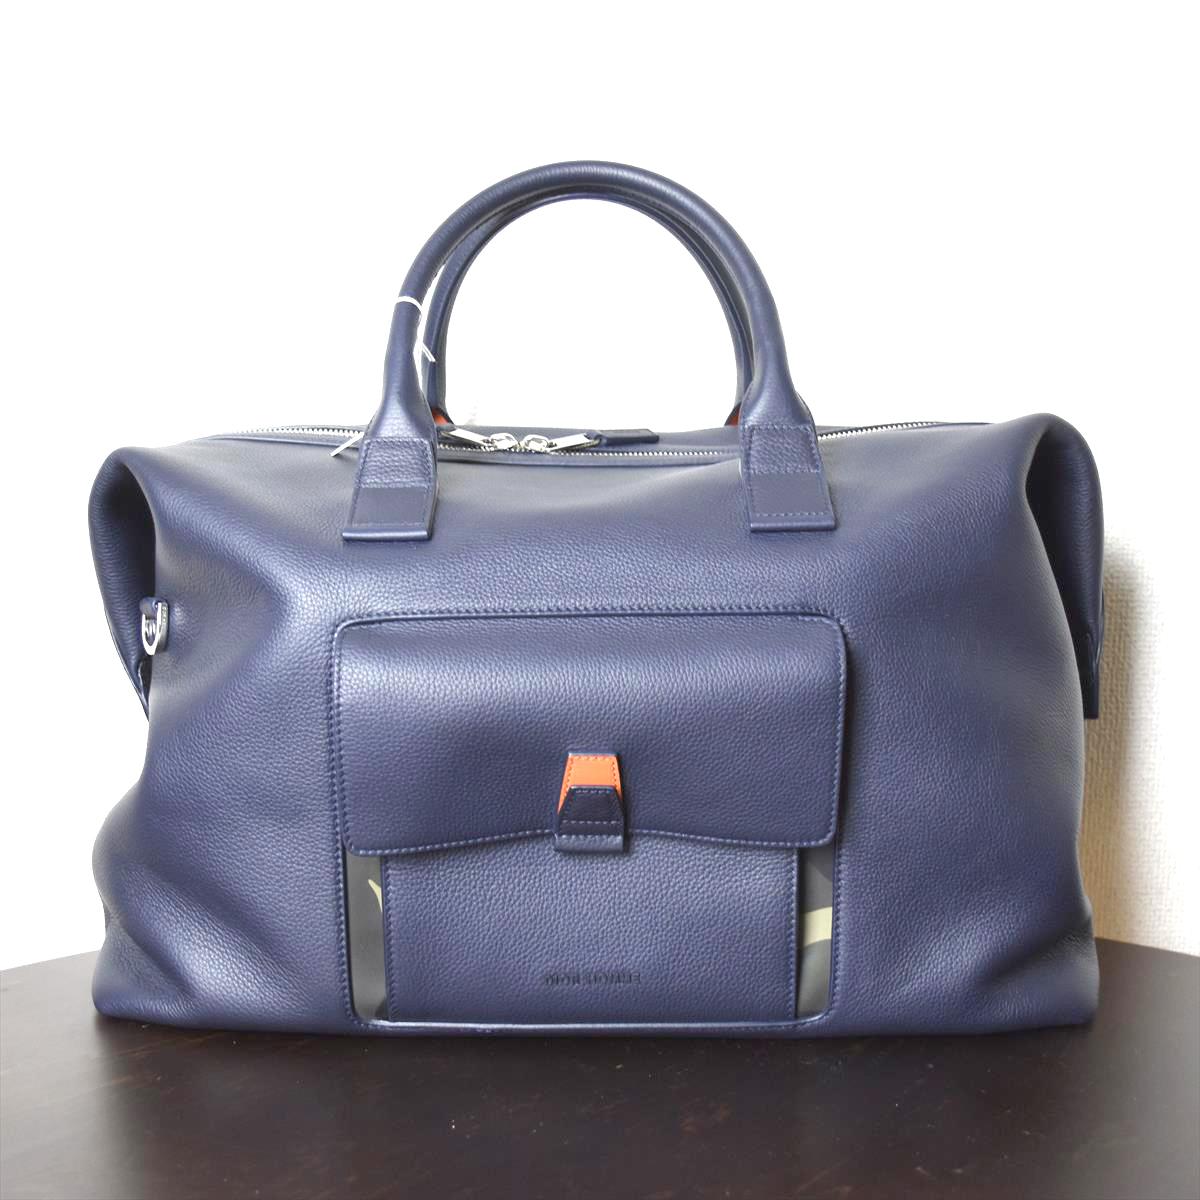 【新古品】Dior ディオール メンズ ボストンバッグ カバン 鞄 レザー 古着